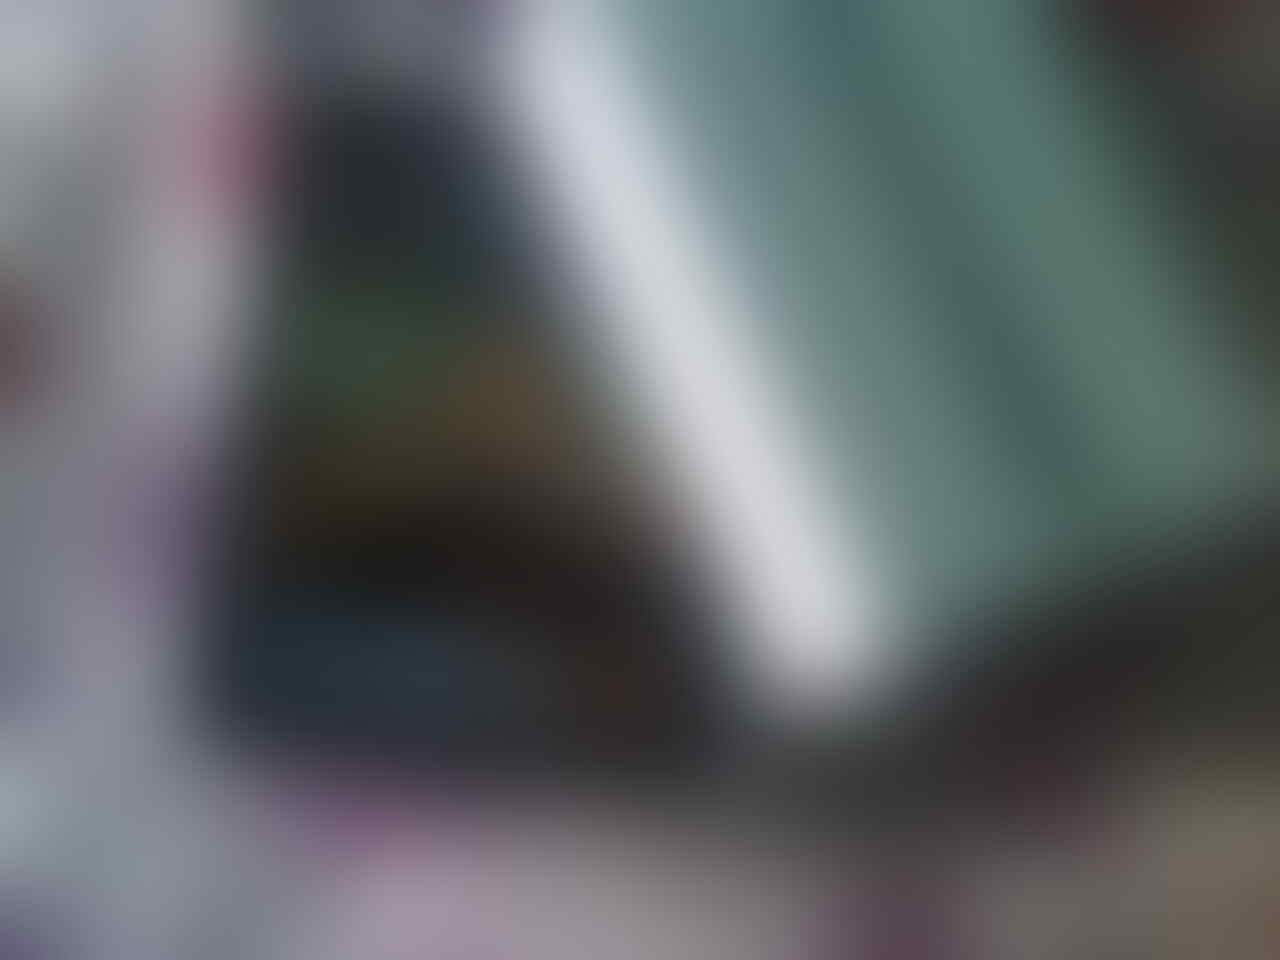 Iphone 5 32gb Black fullset ori Mulus termurah istimewa [Malang]